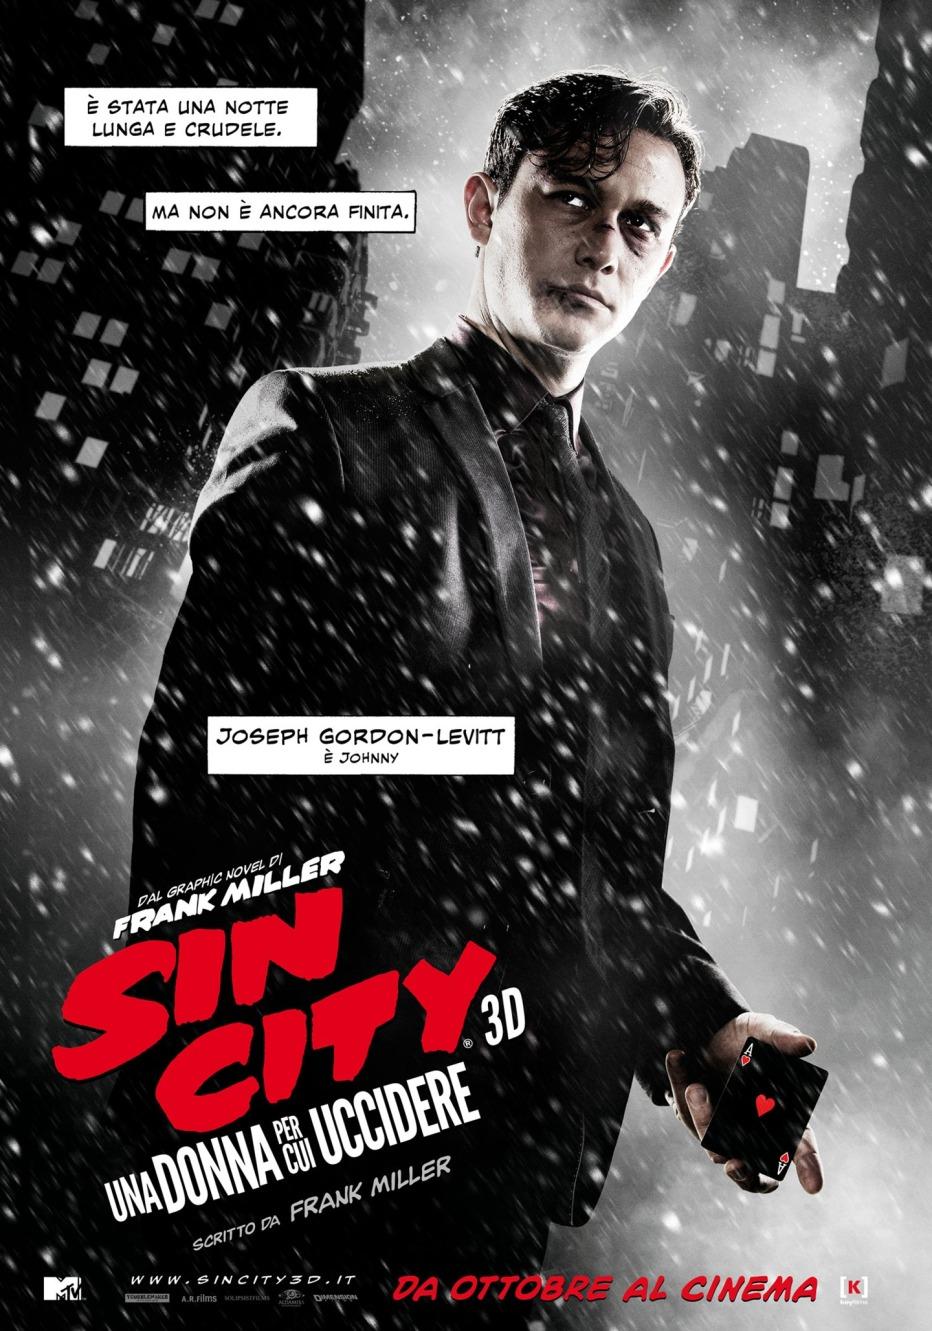 Sin-City-Una-donna-per-cui-uccidere-2014-Frank-Miller-Robert-Rodriguez-34.jpg